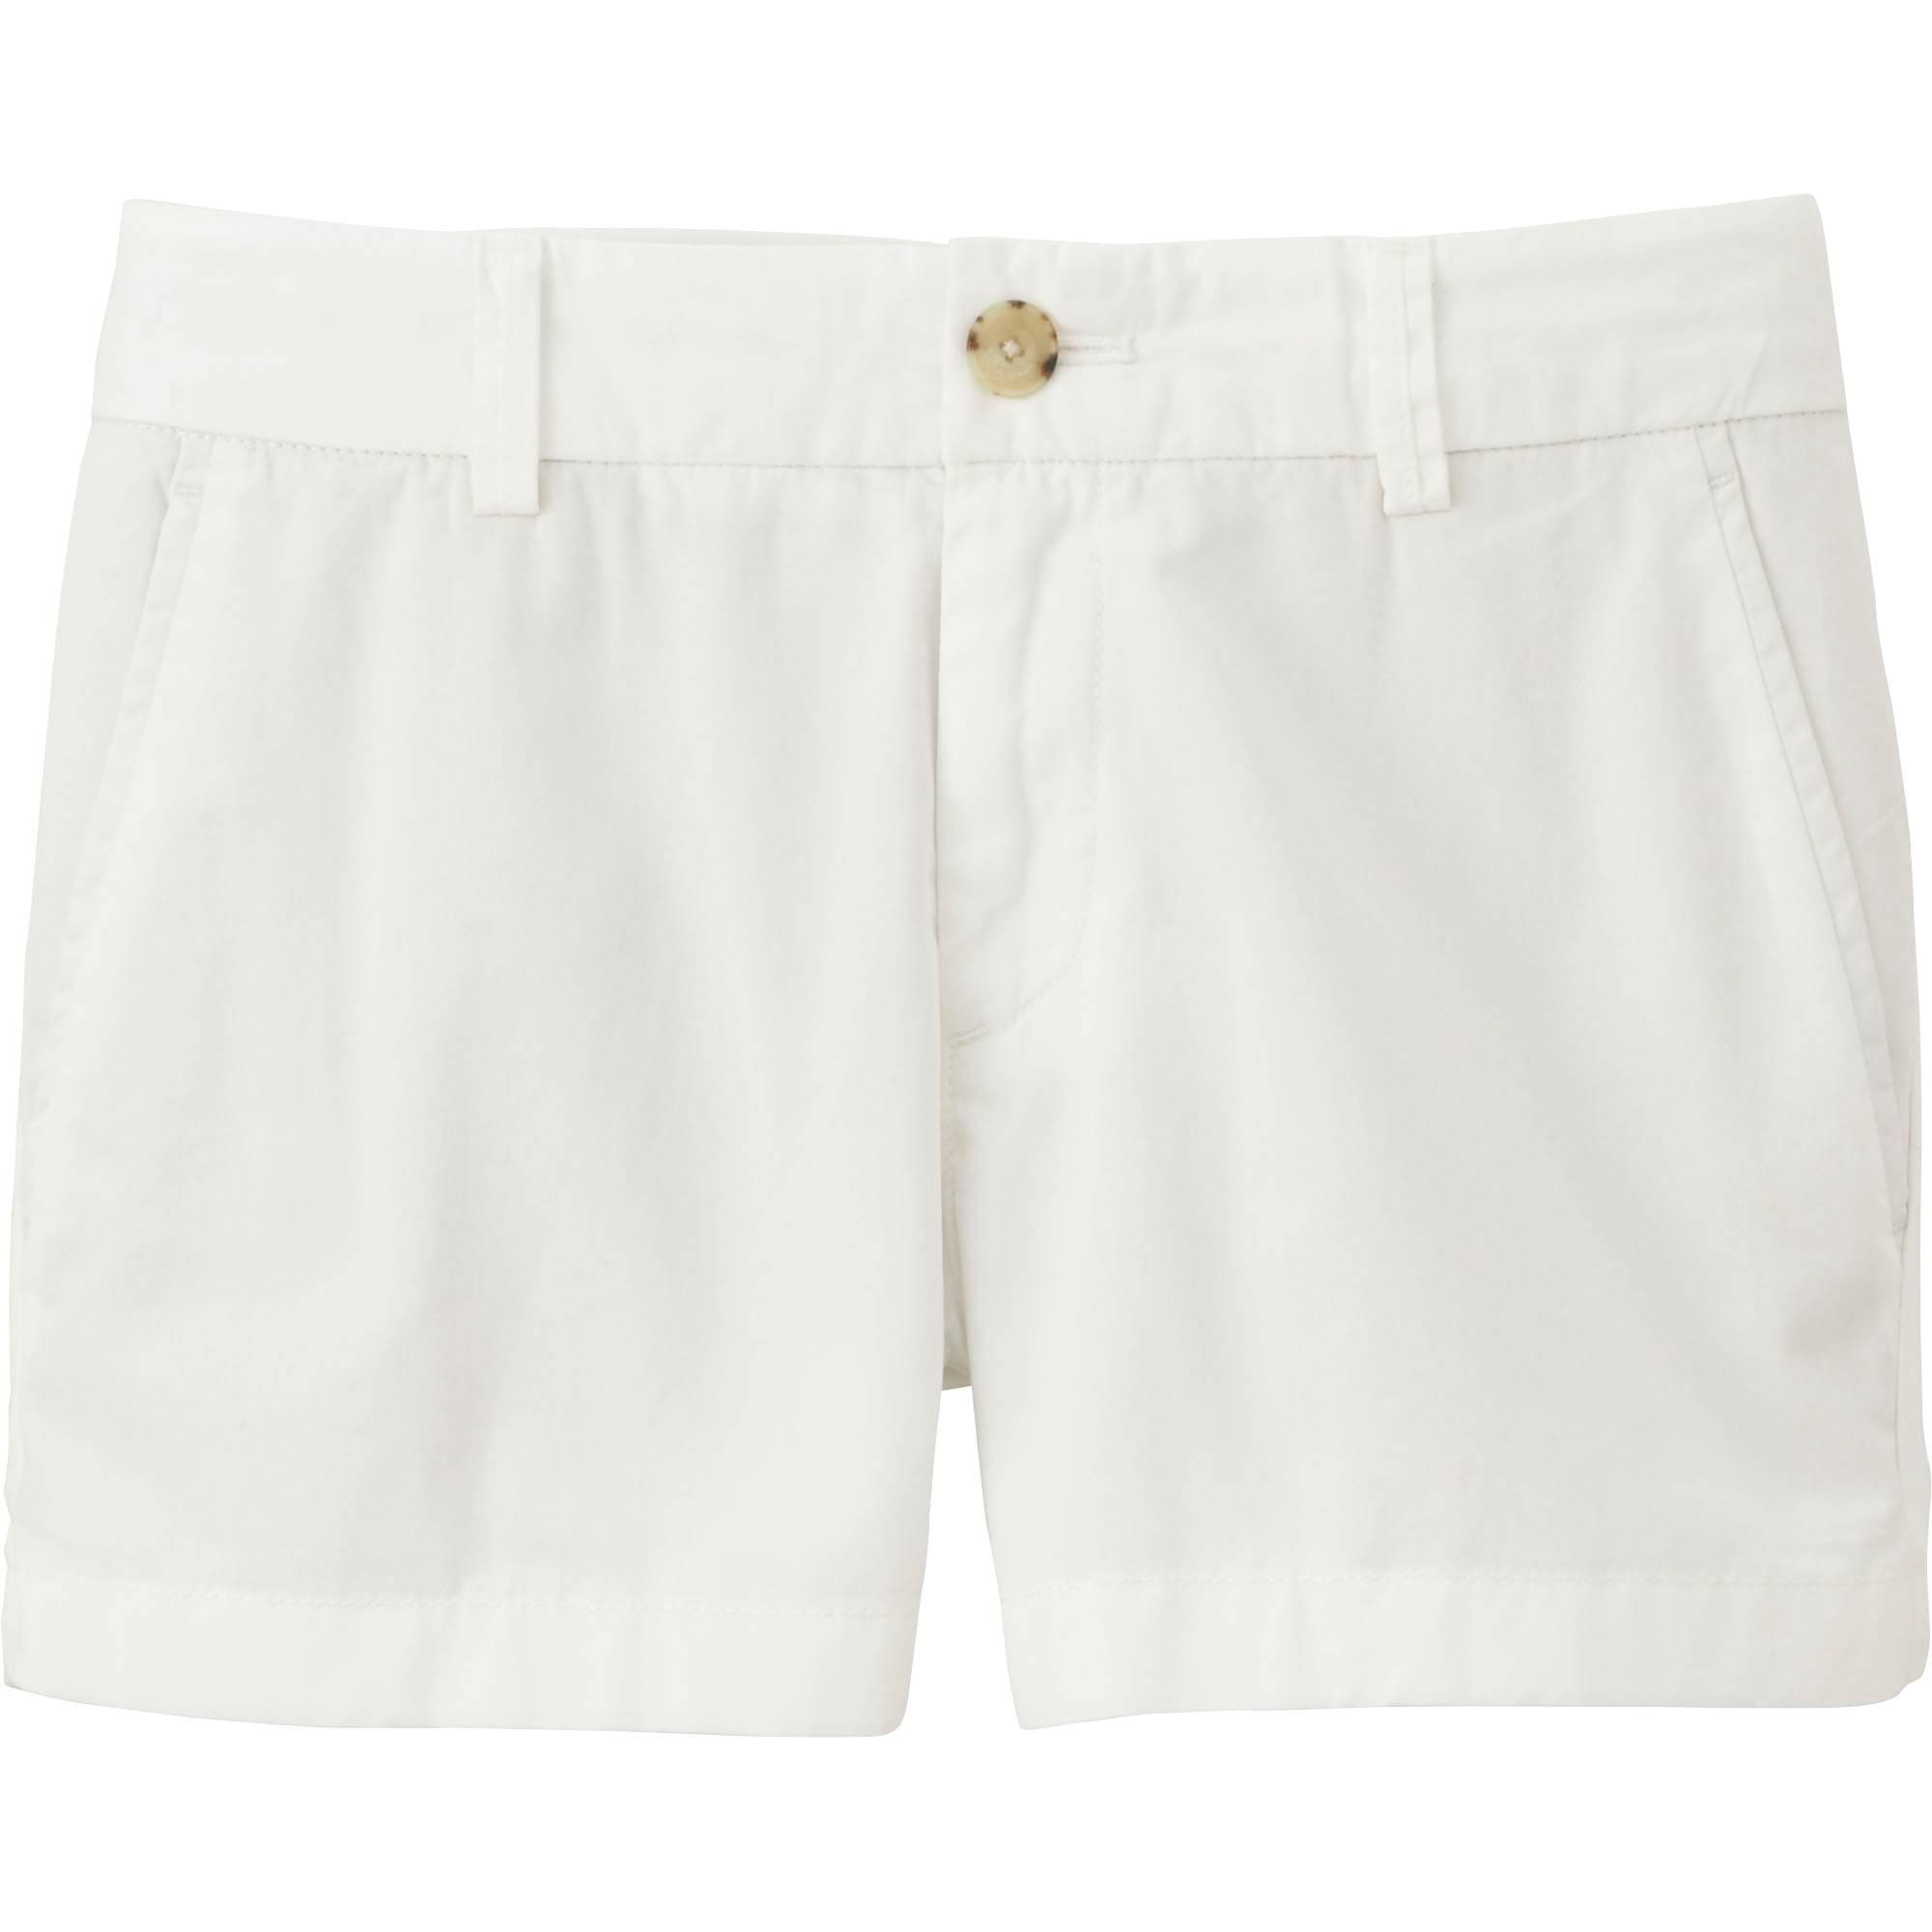 White Shorts Women'S